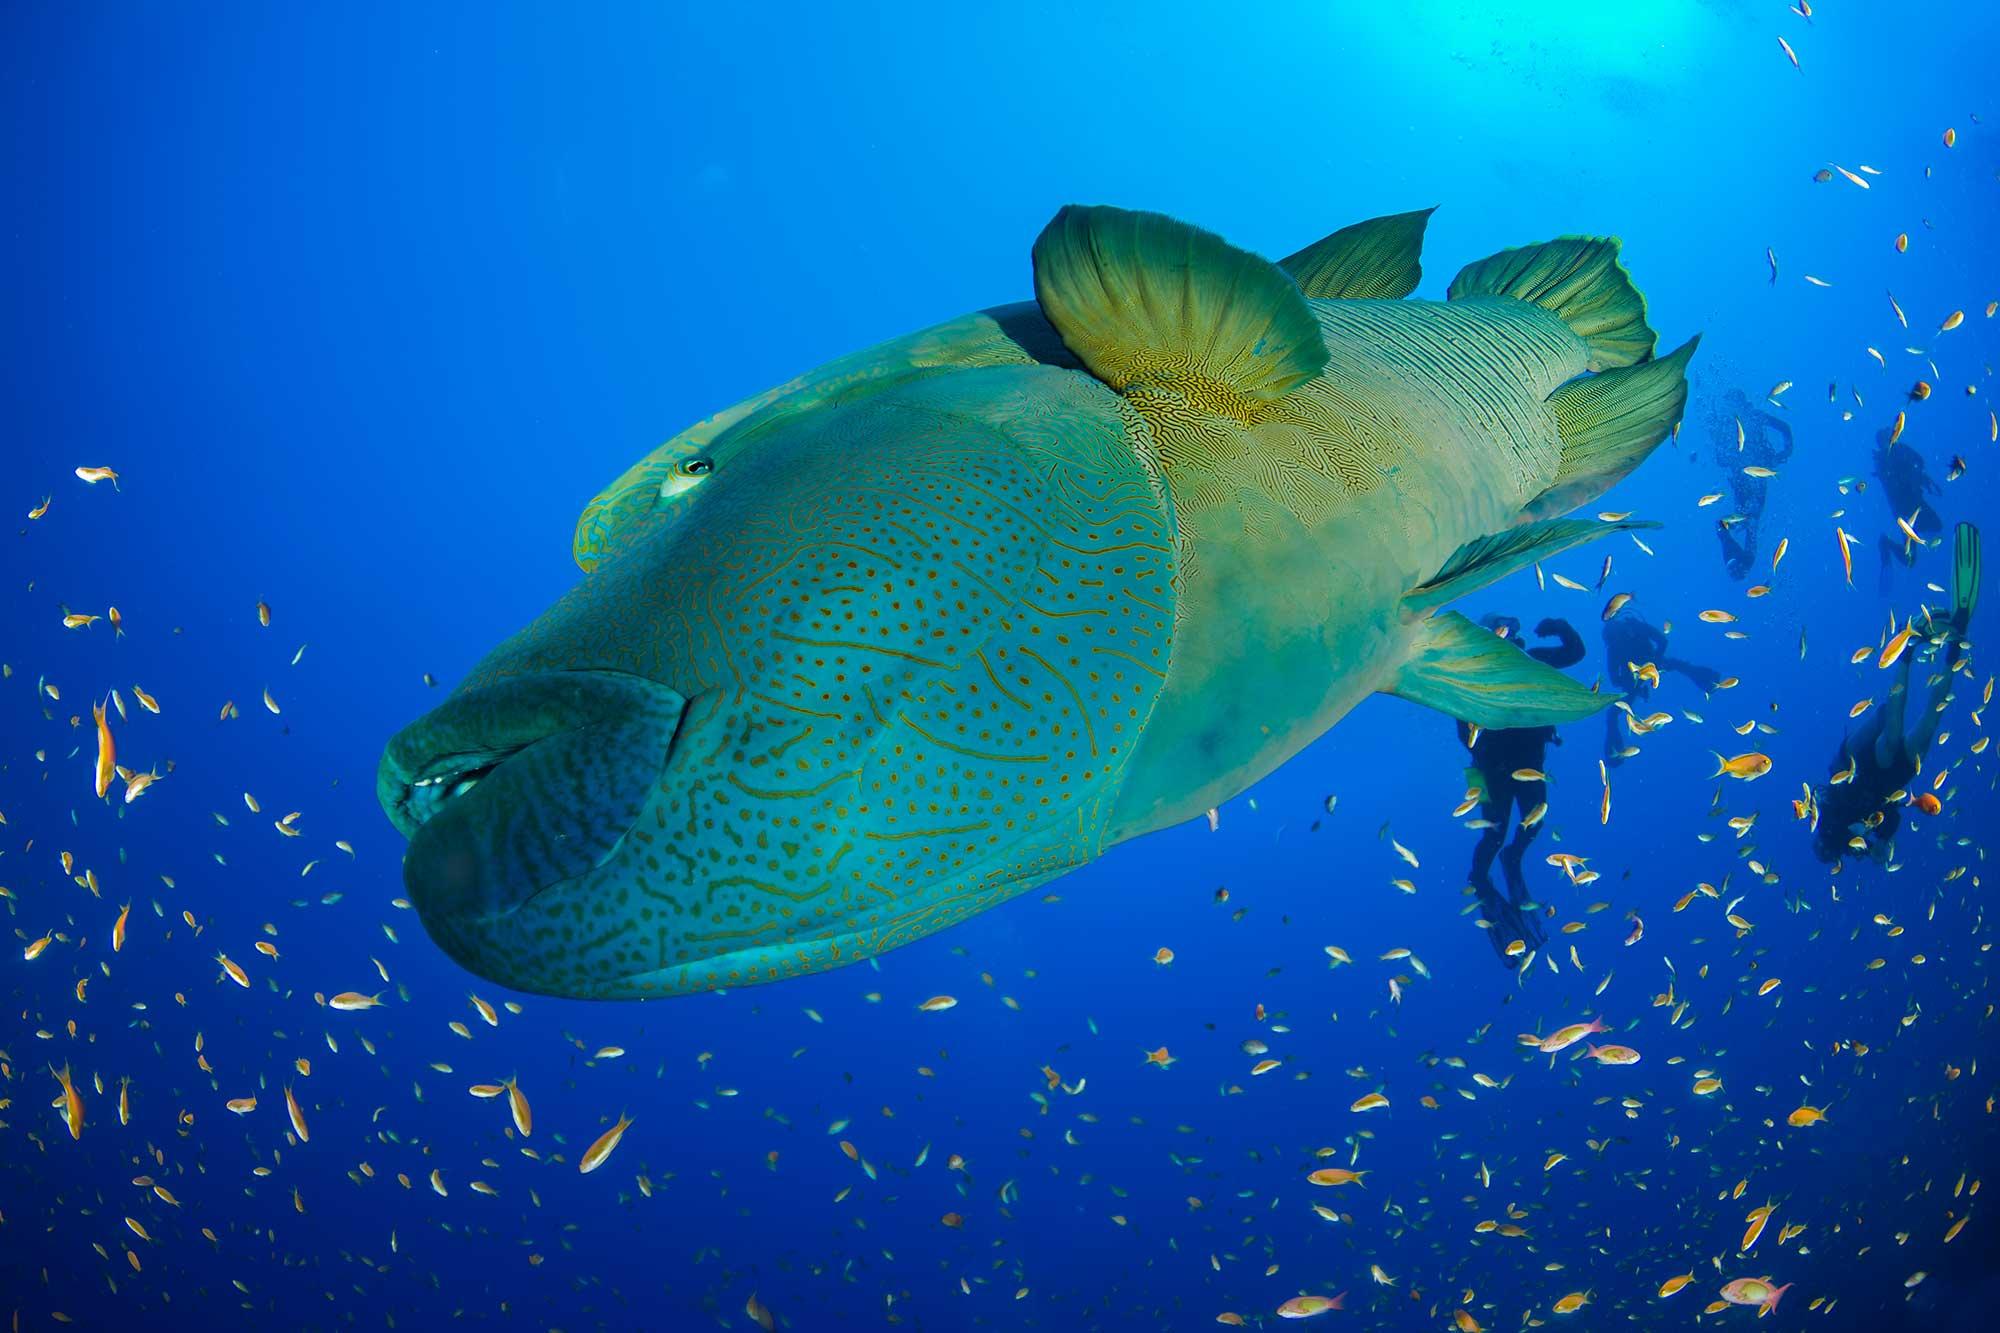 Napoleon Wrass, Elphinstone Reef, Red Sea, Egypt